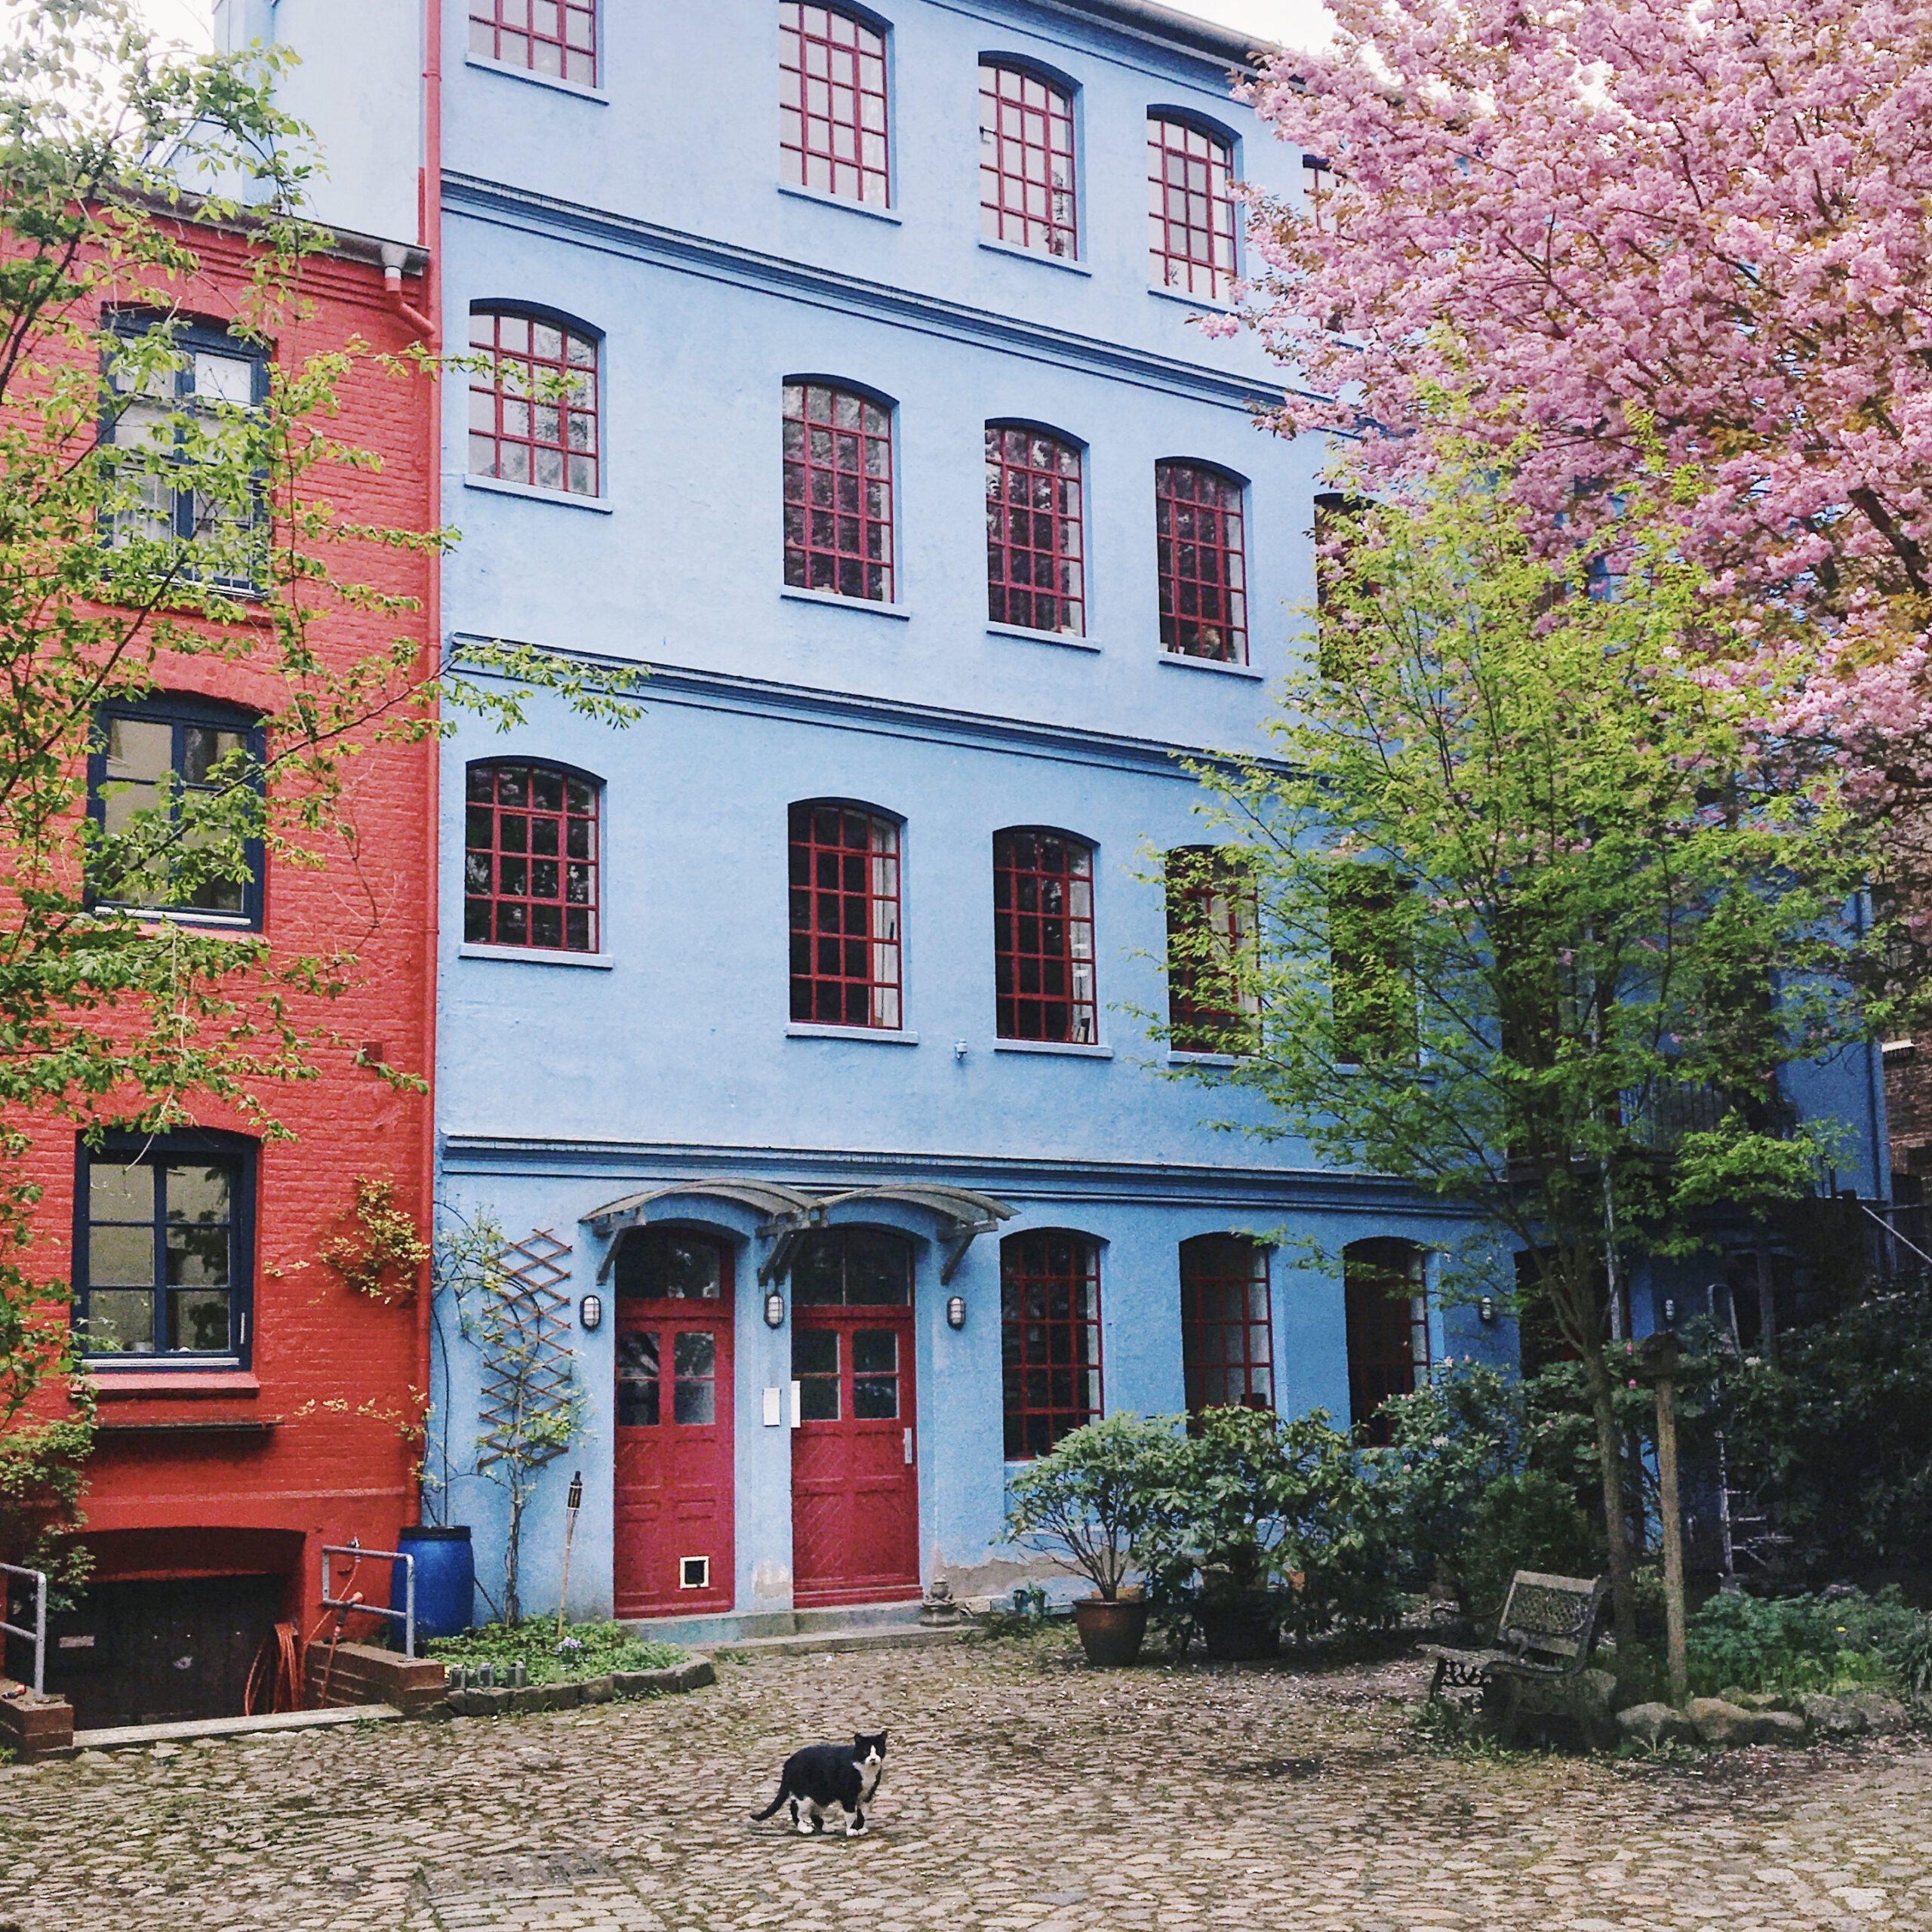 Hinterhöfe In Hamburg: Ottensens Bunte Magie In Der Ottenser Hauptstraße